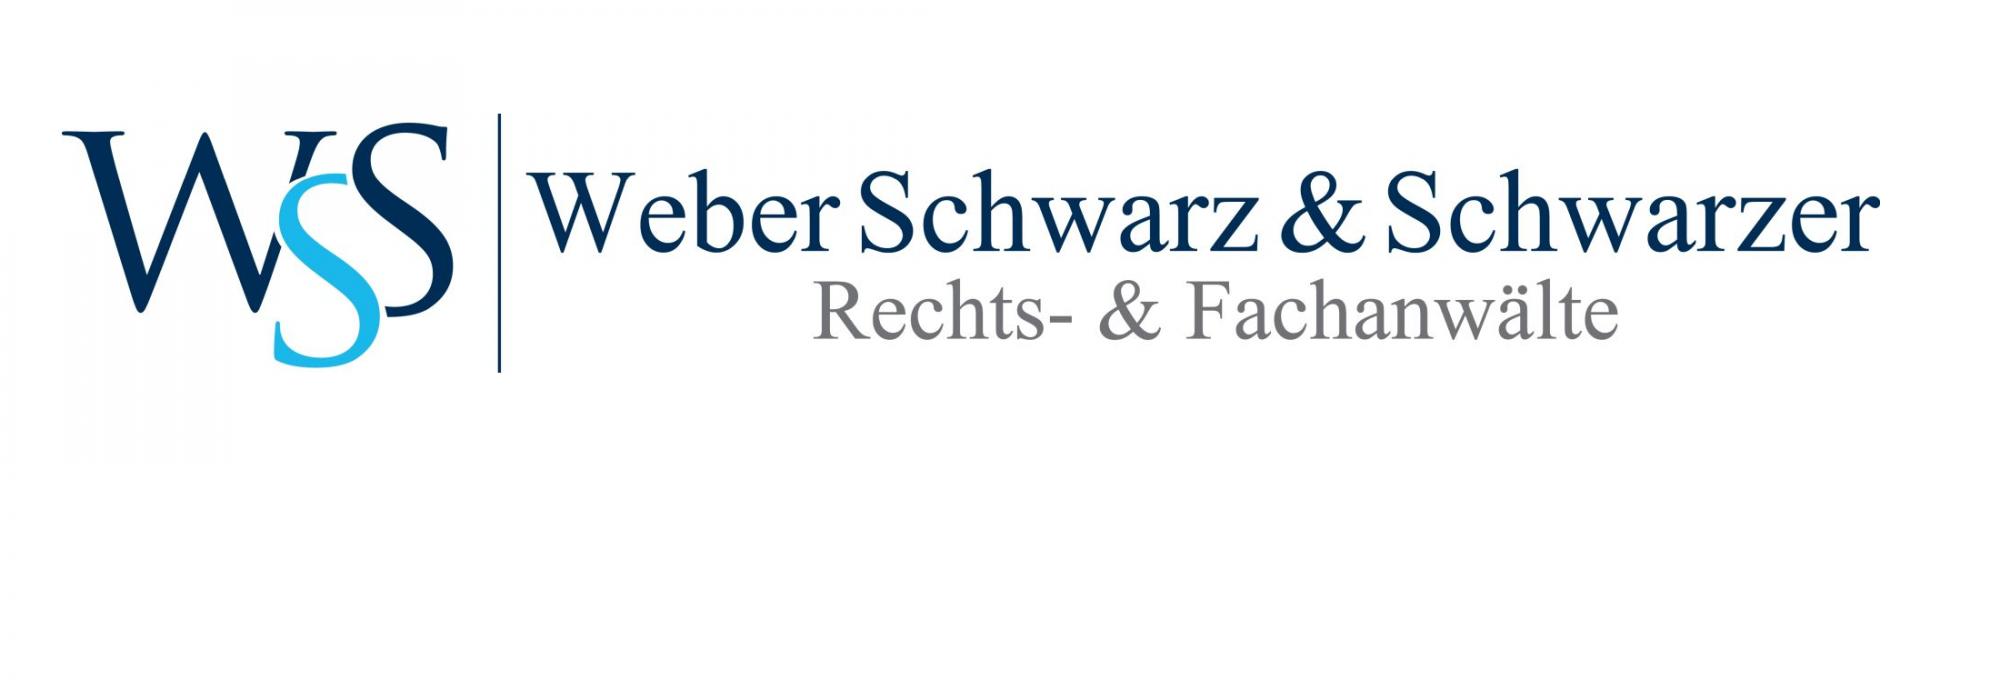 Weber Schwarz & Schwarzer - Rechts- & Fachanwälte